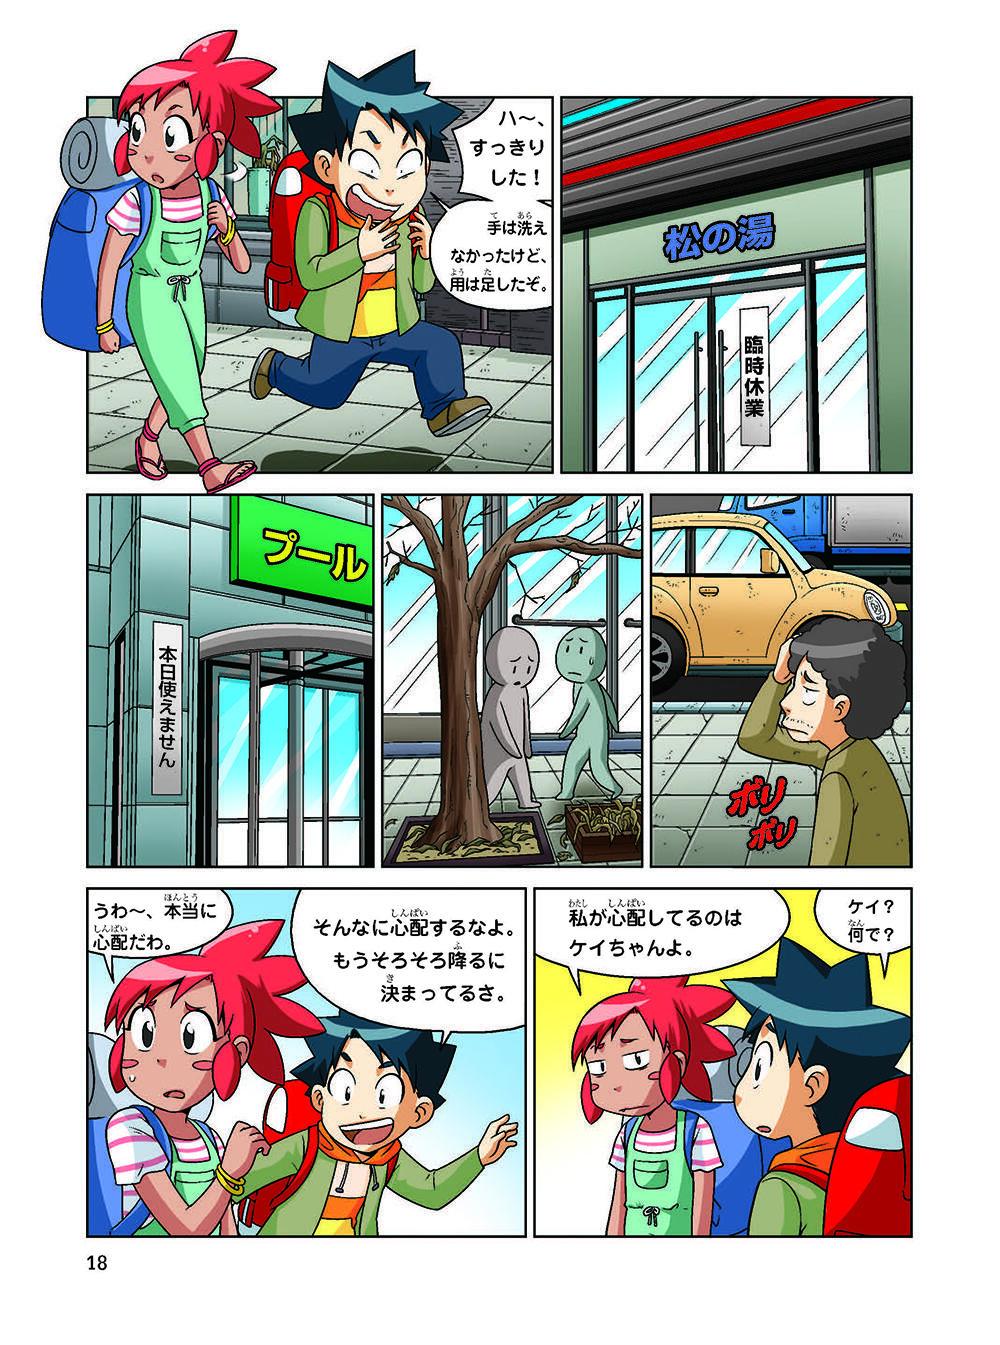 01遶_010-023_繝倥z繝シ繧キ繧兩09.jpg